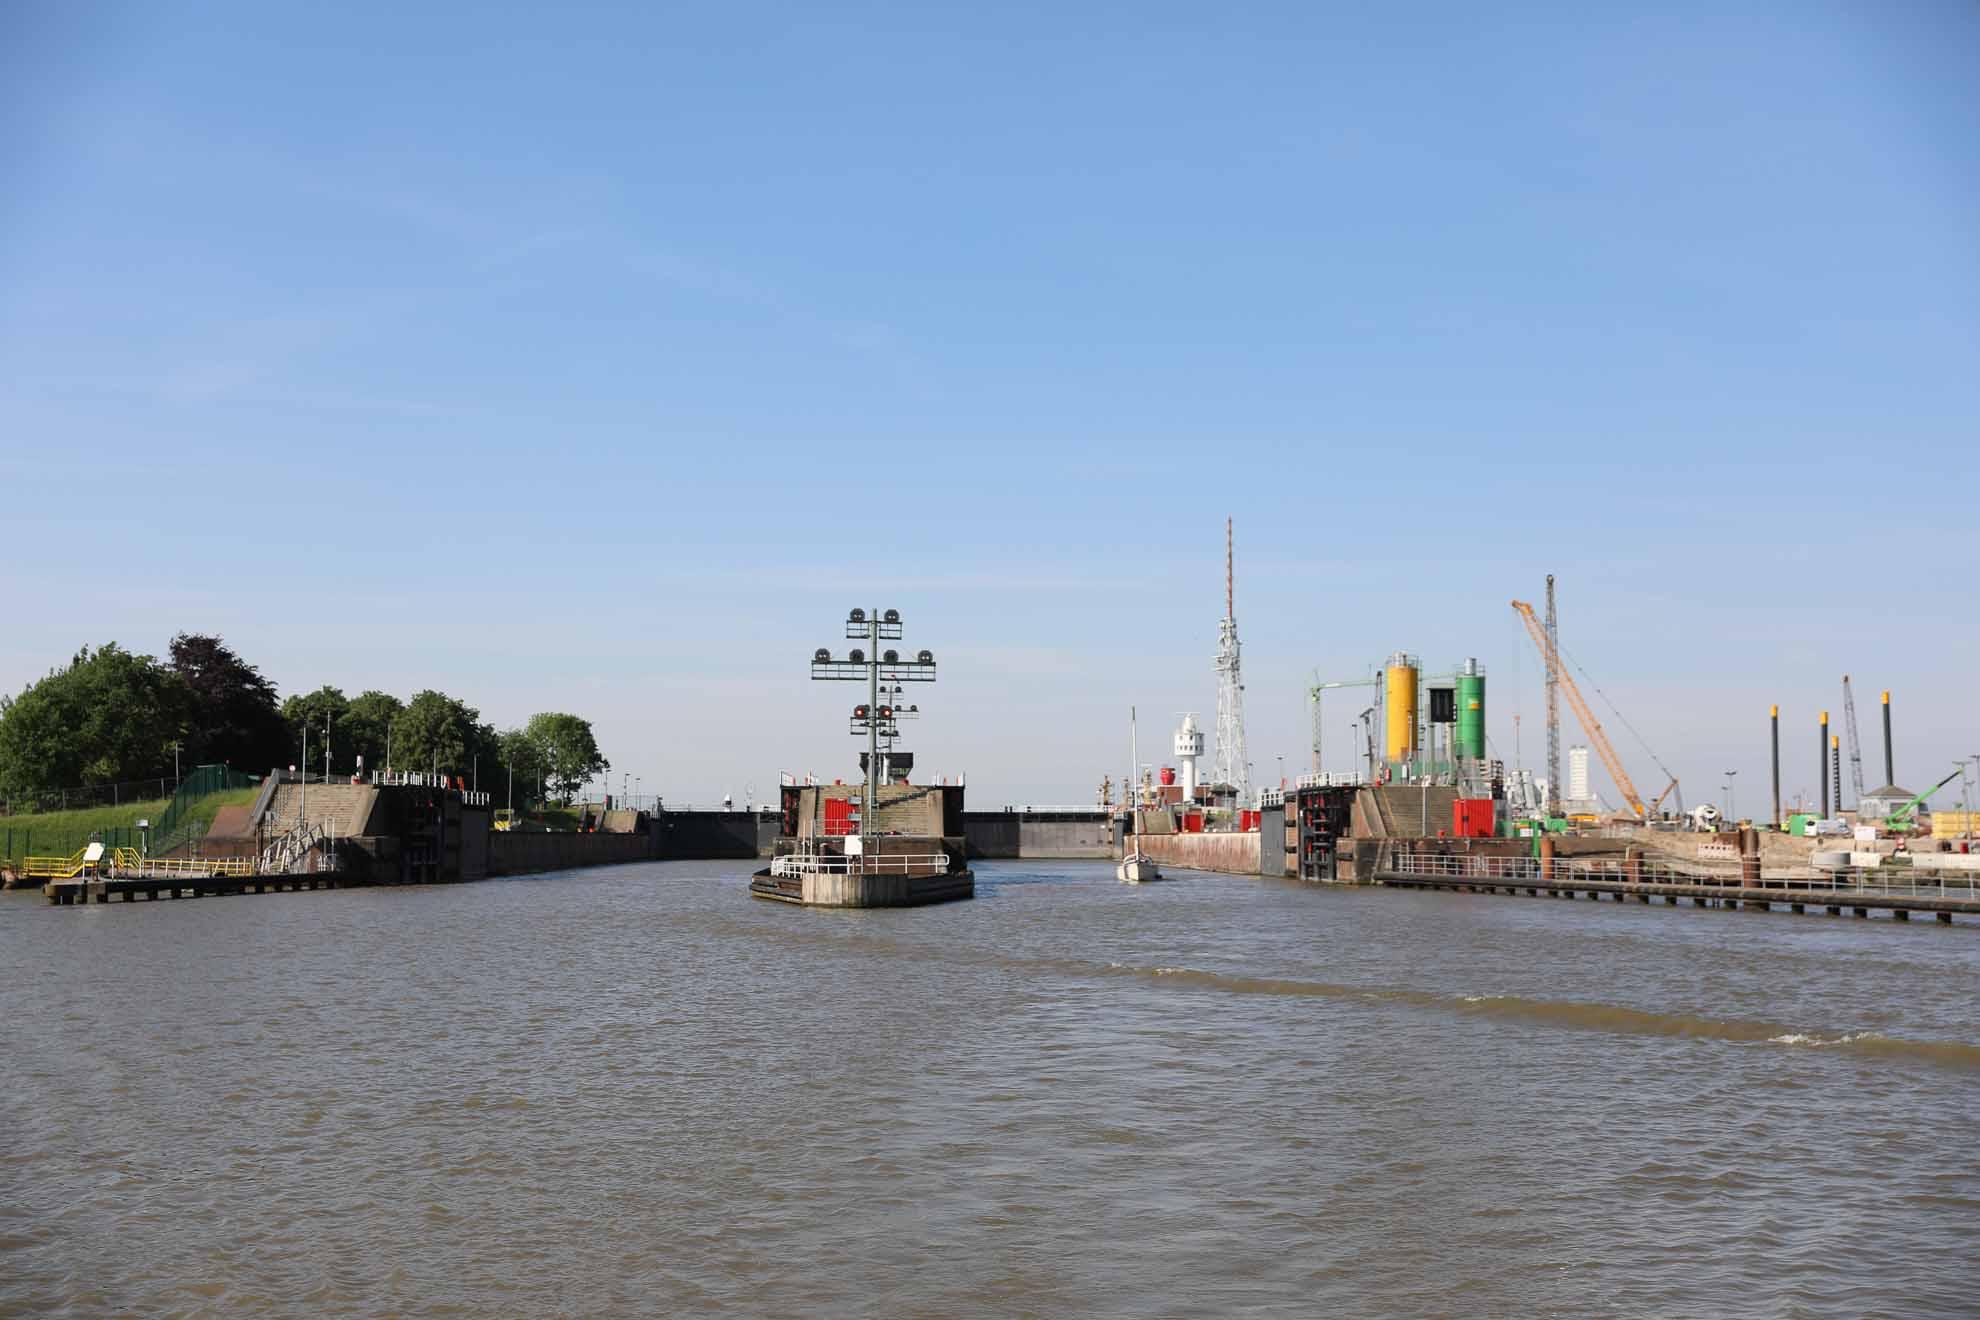 An großen Signalmasten wird Sport- und Berufsschifffahrt signalisiert, wann sie in die Schleusenkammer einfahren soll.